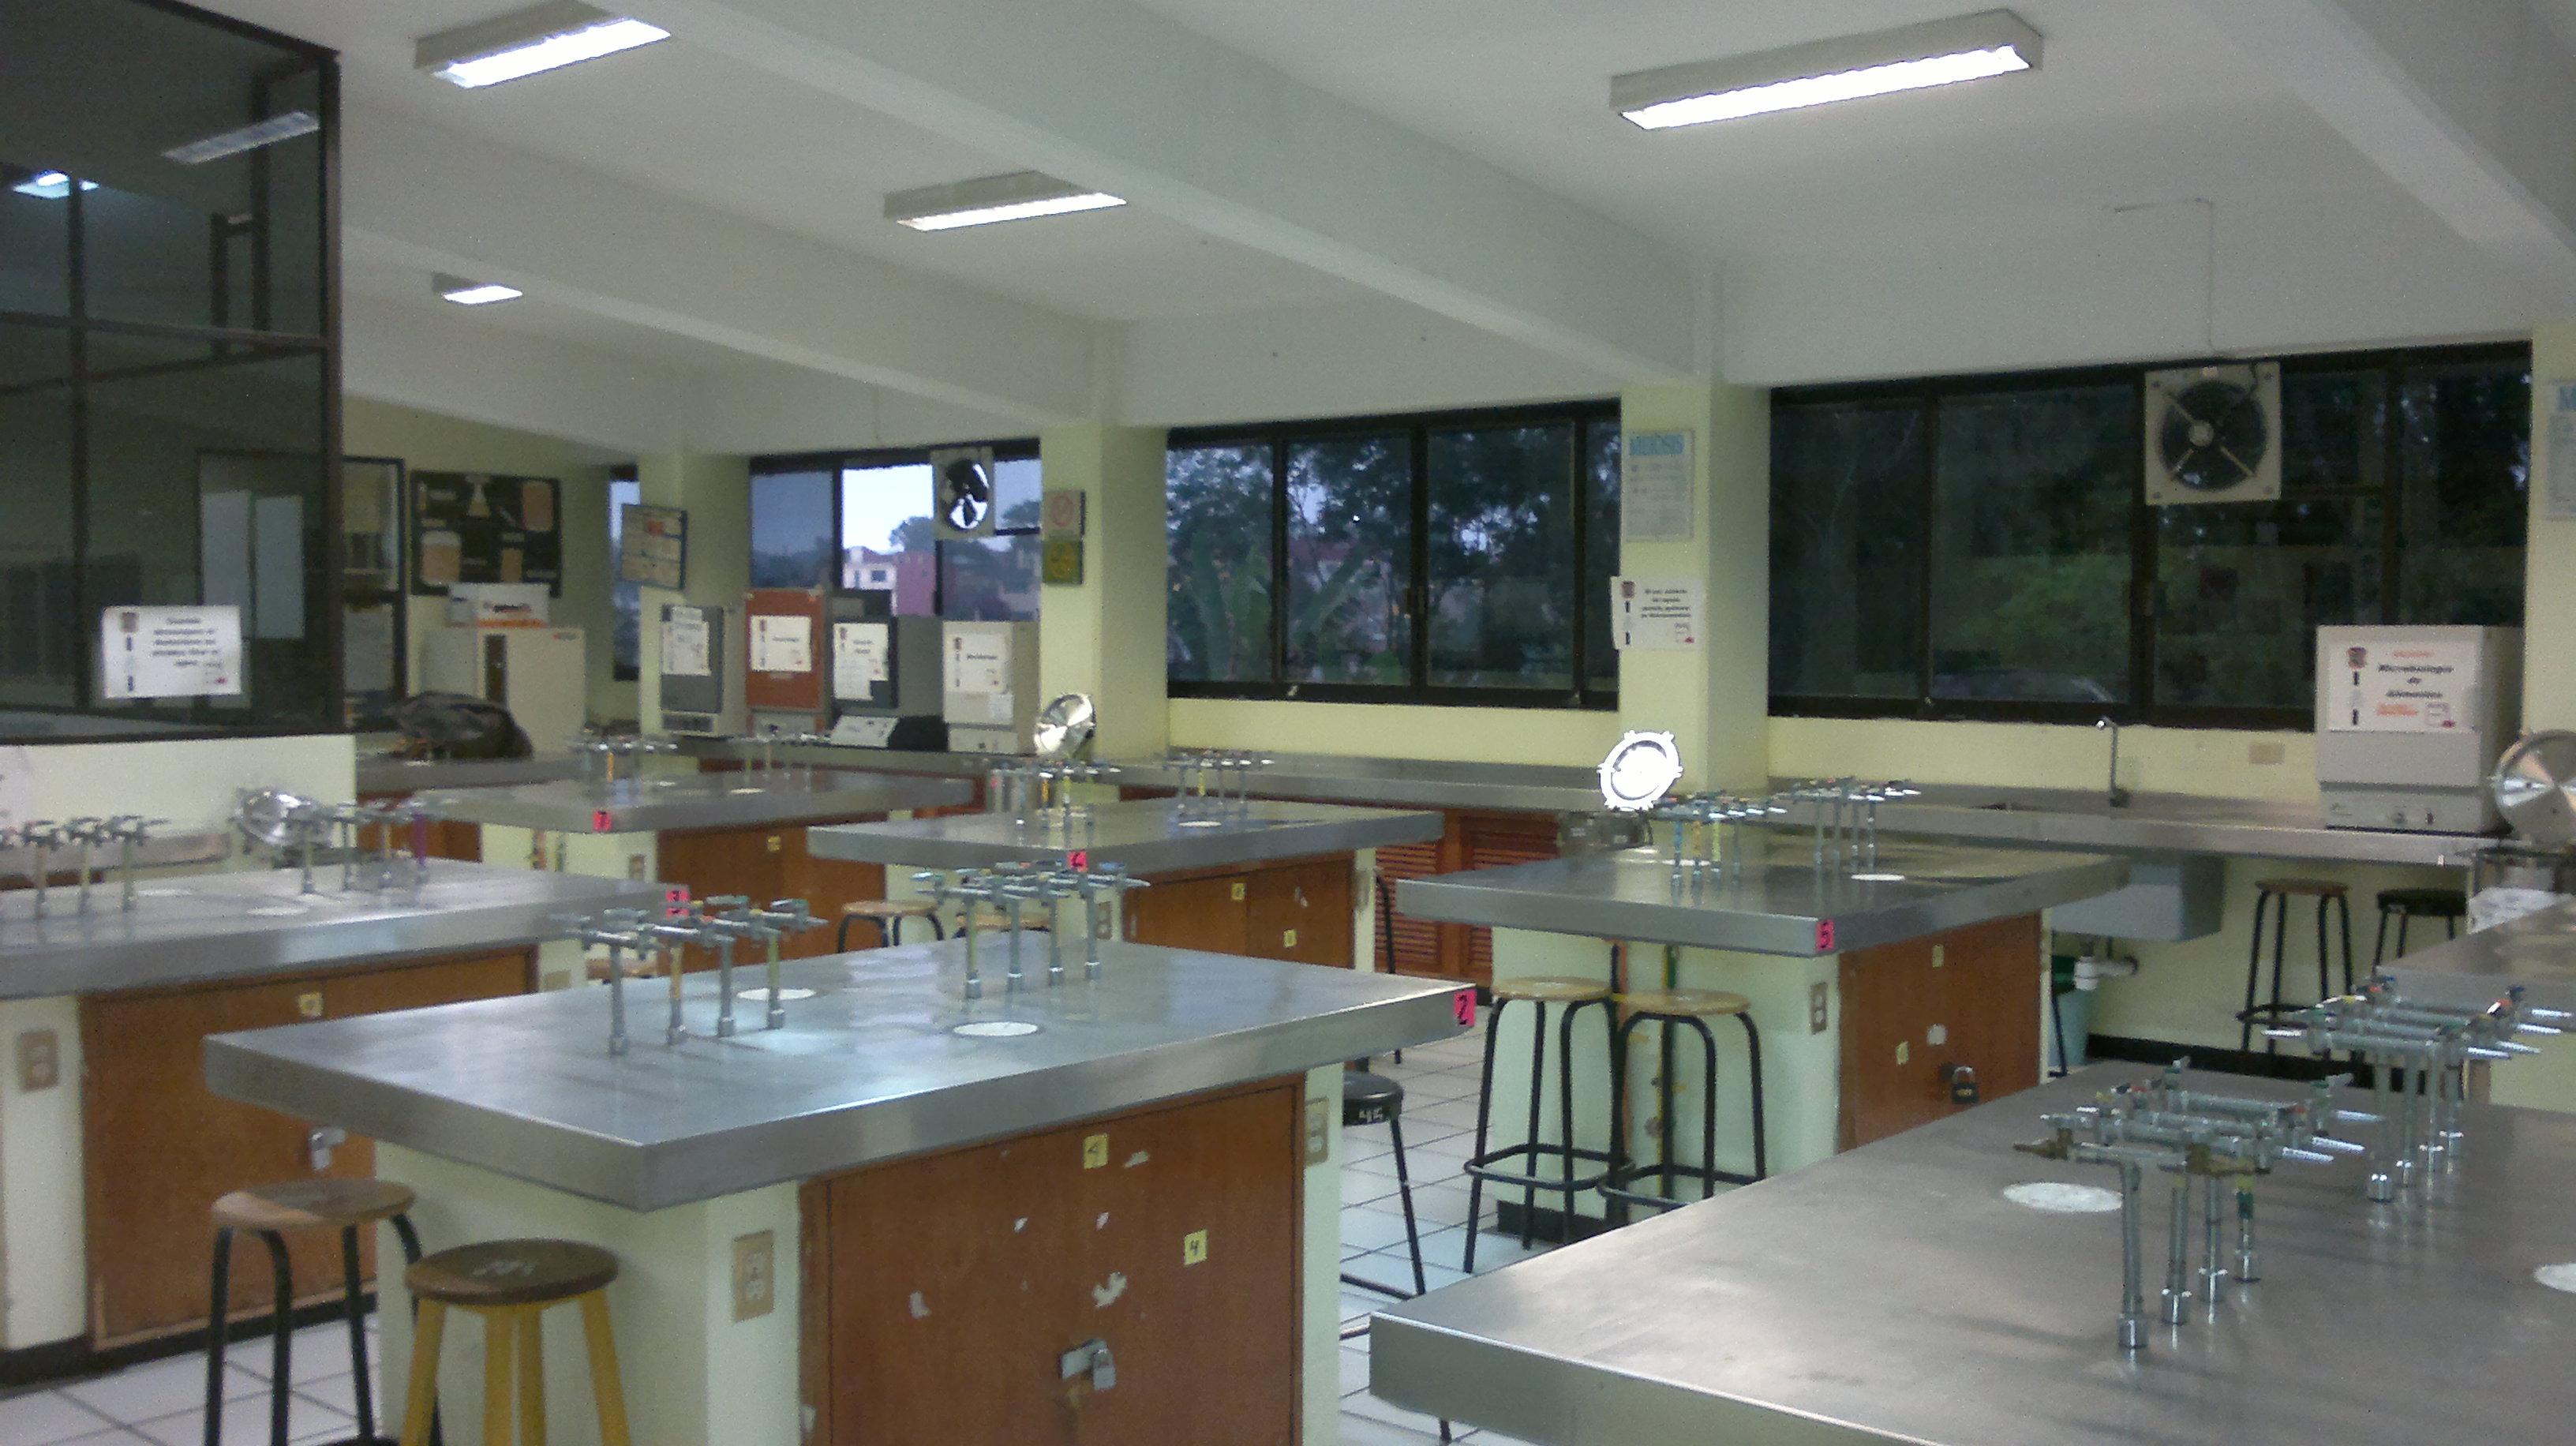 Instalaciones  Facultad de Qumica Farmacutica Biolgica